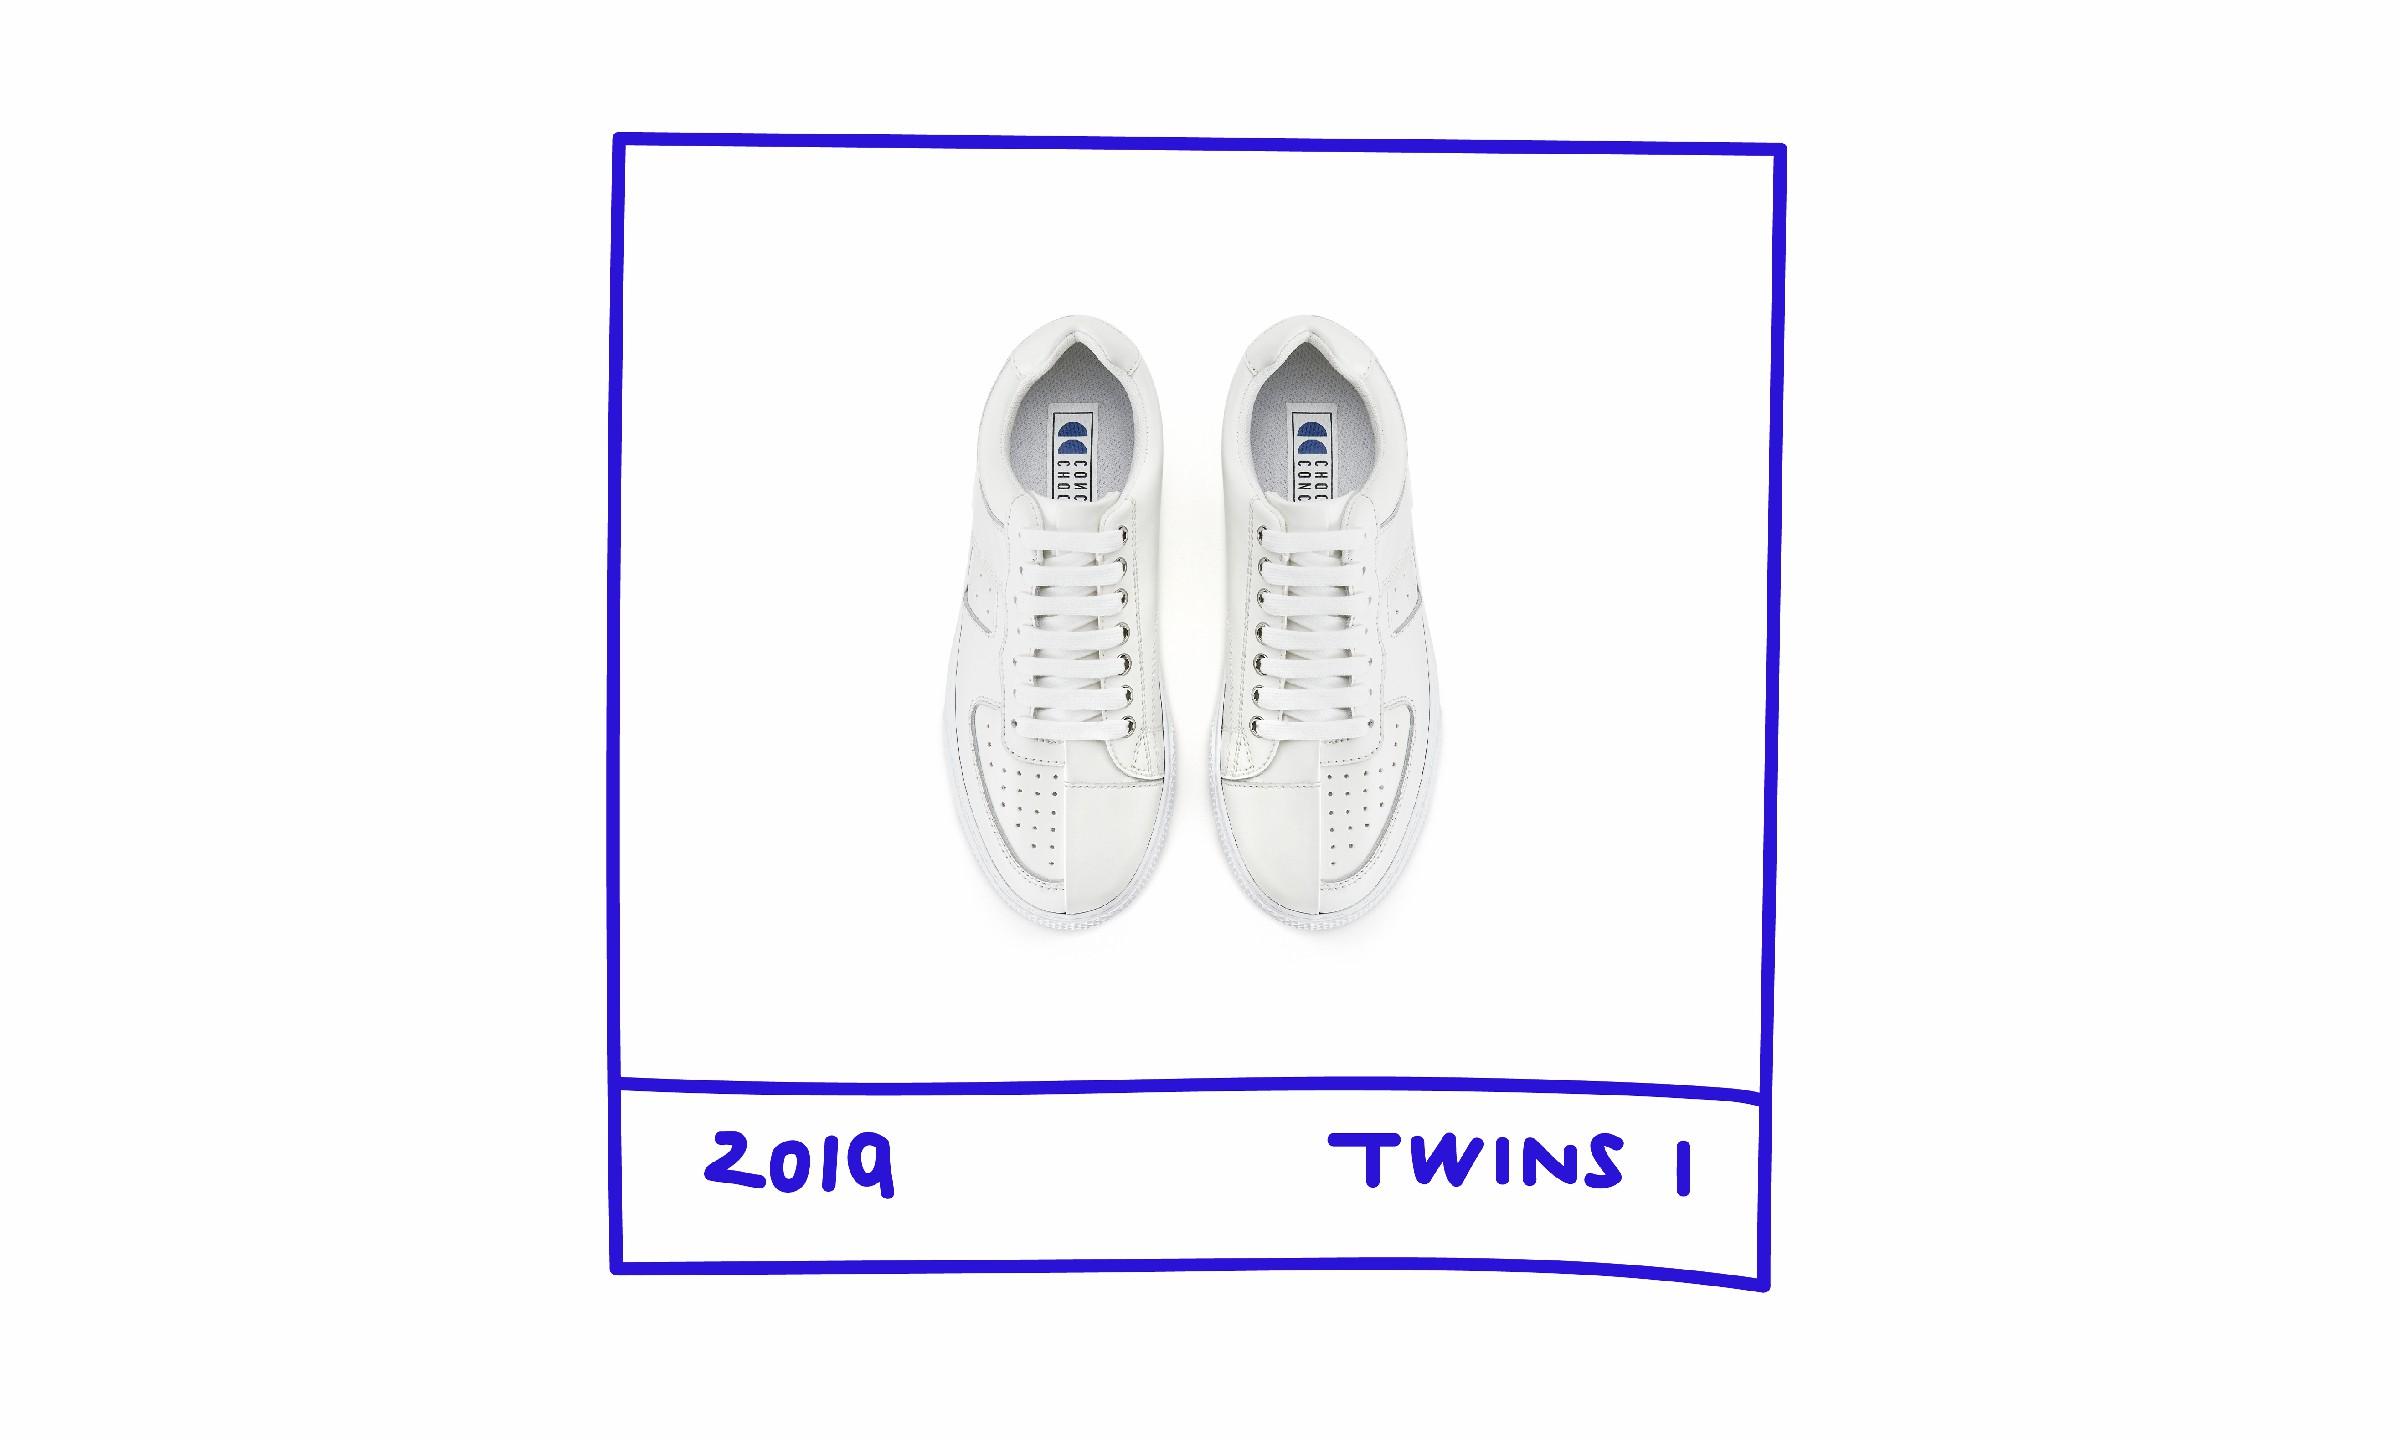 鞋履设计品牌 CHOCO CONCERT 举办 520 WORKSHOP